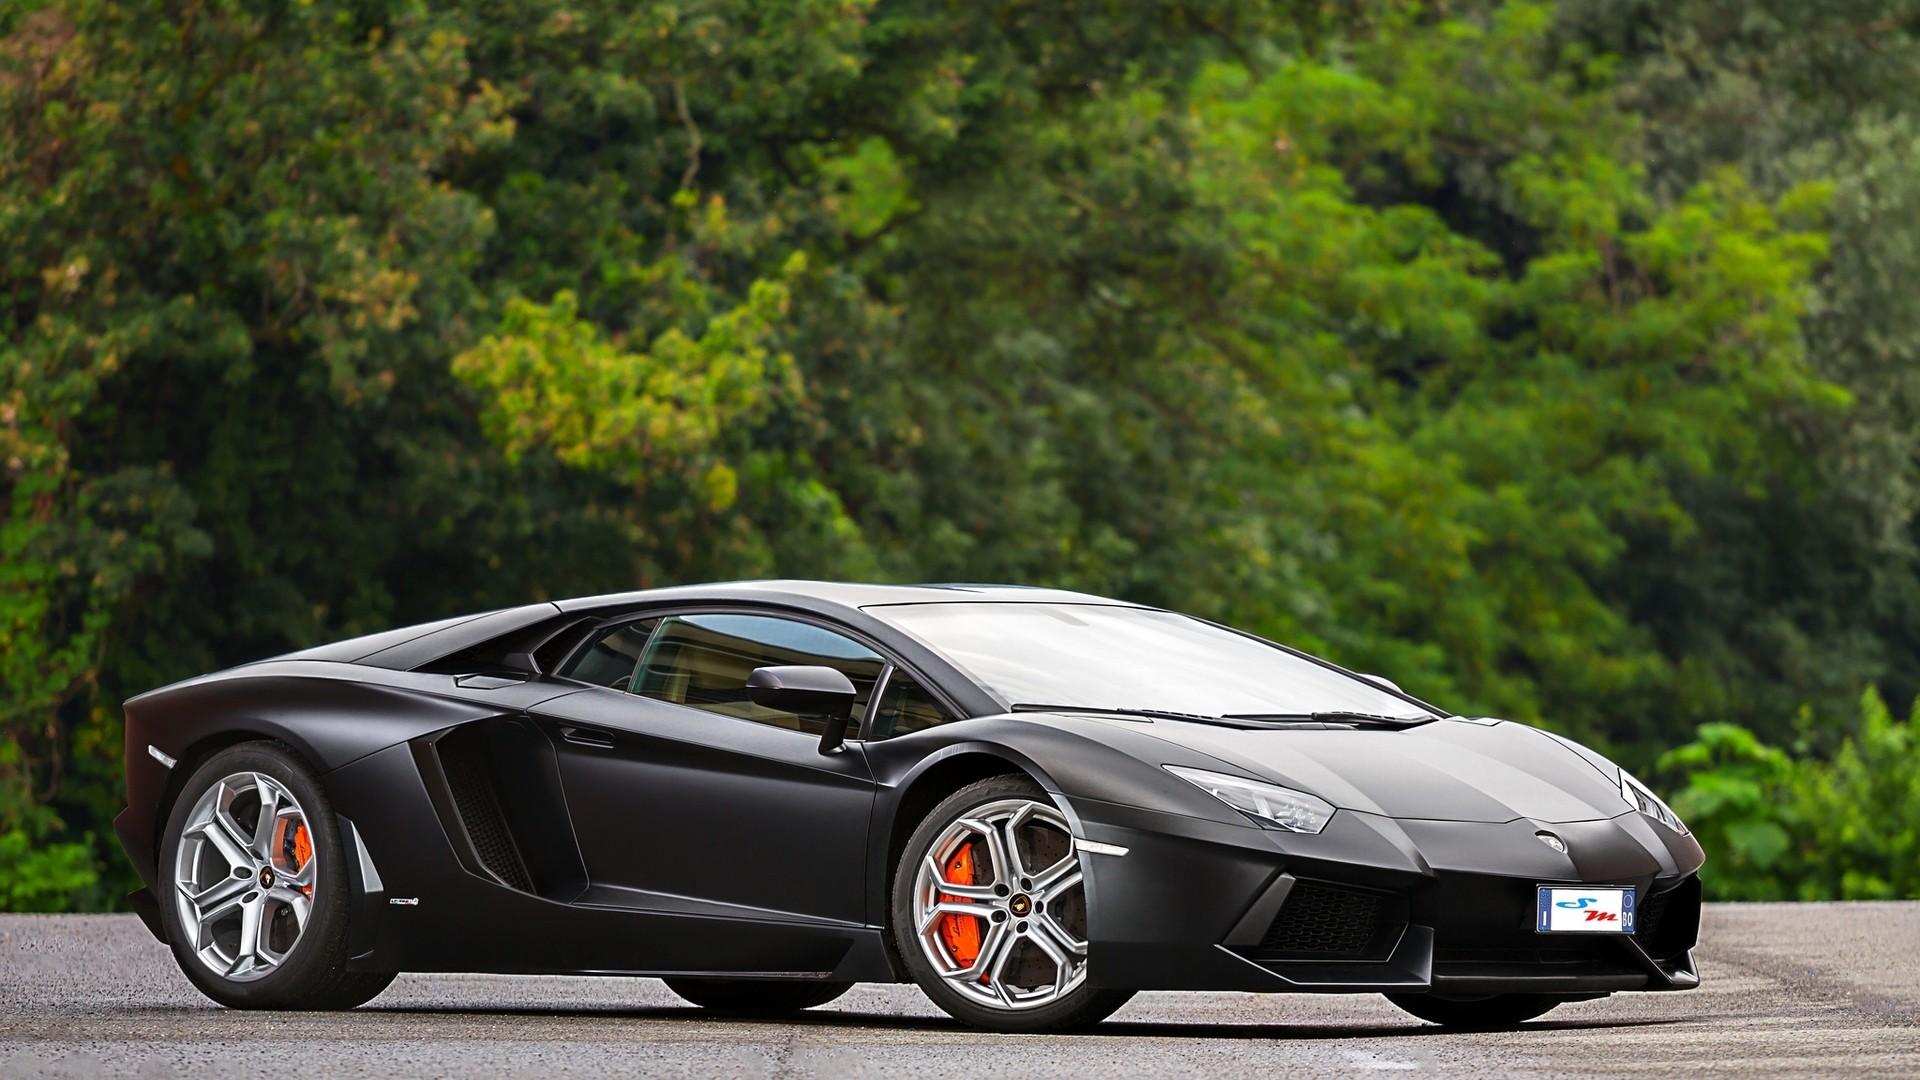 Wallpapers of Lamborghini Car (73+ images)